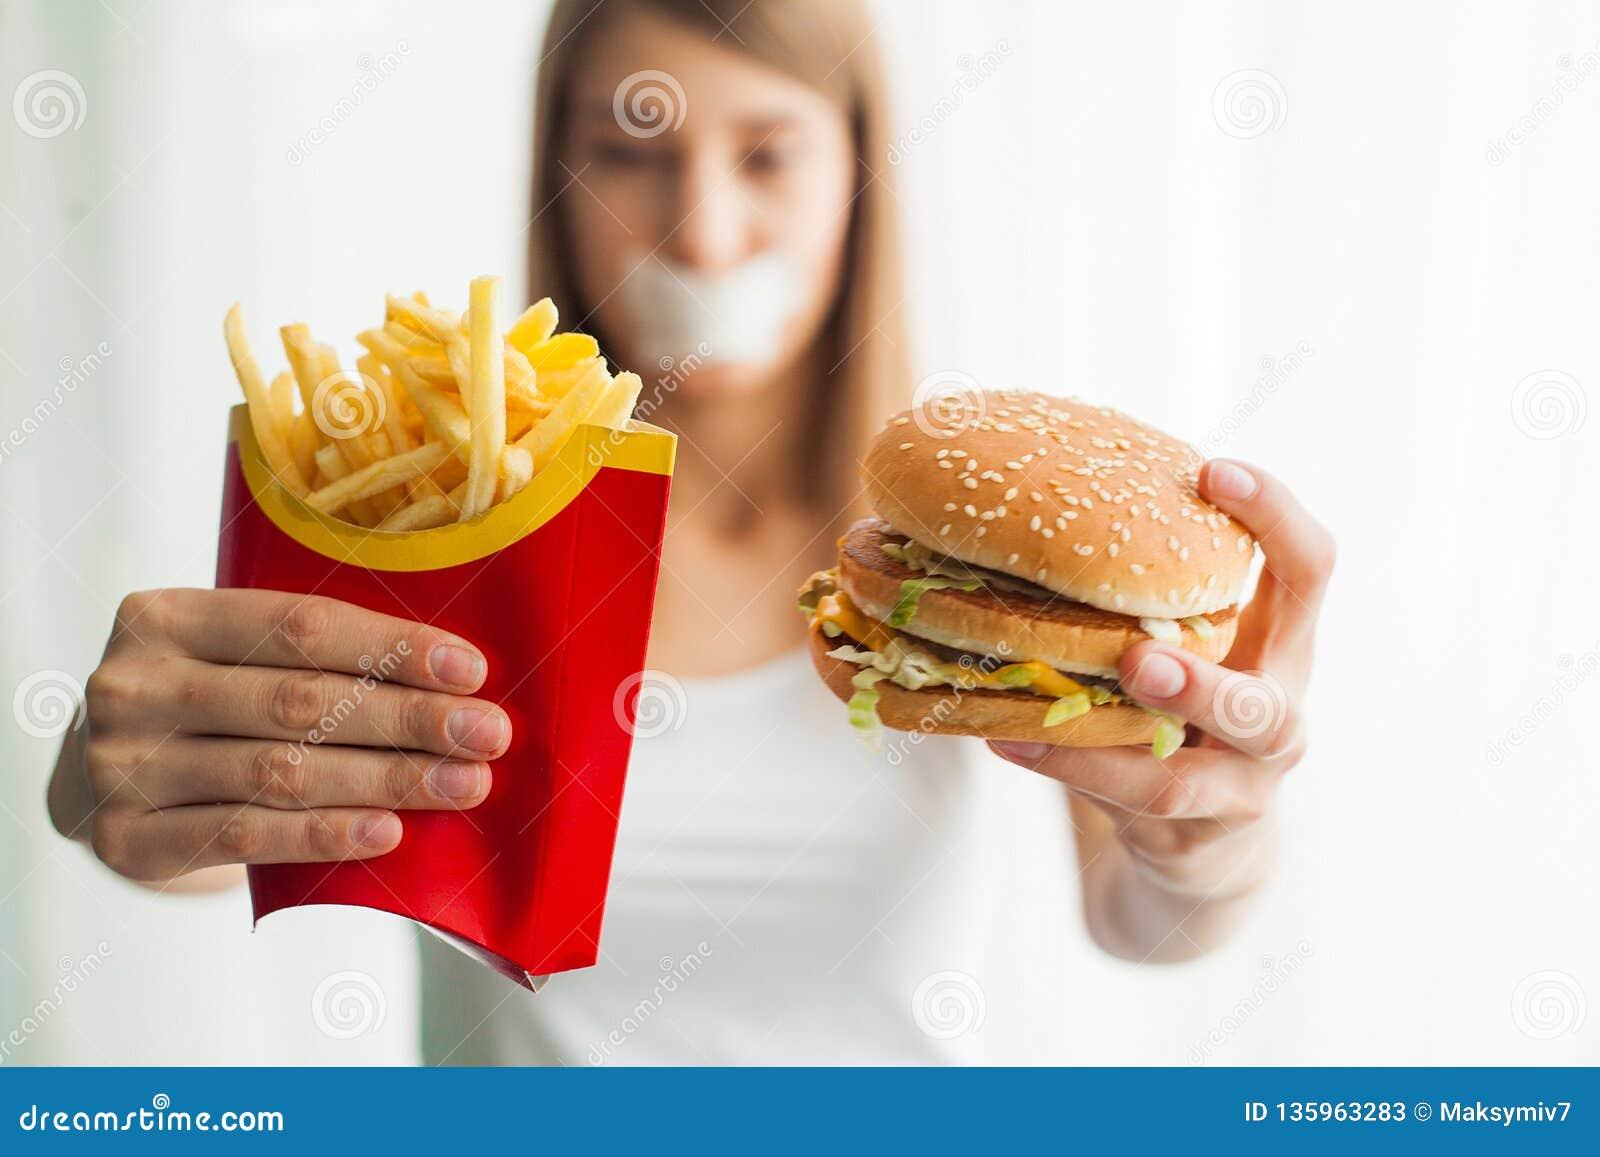 Diät Junge Frau mit Panzerklebeband über ihrem Mund, sie verhindernd, um ungesunde Fertigkost zu essen Gesundes Essenkonzept